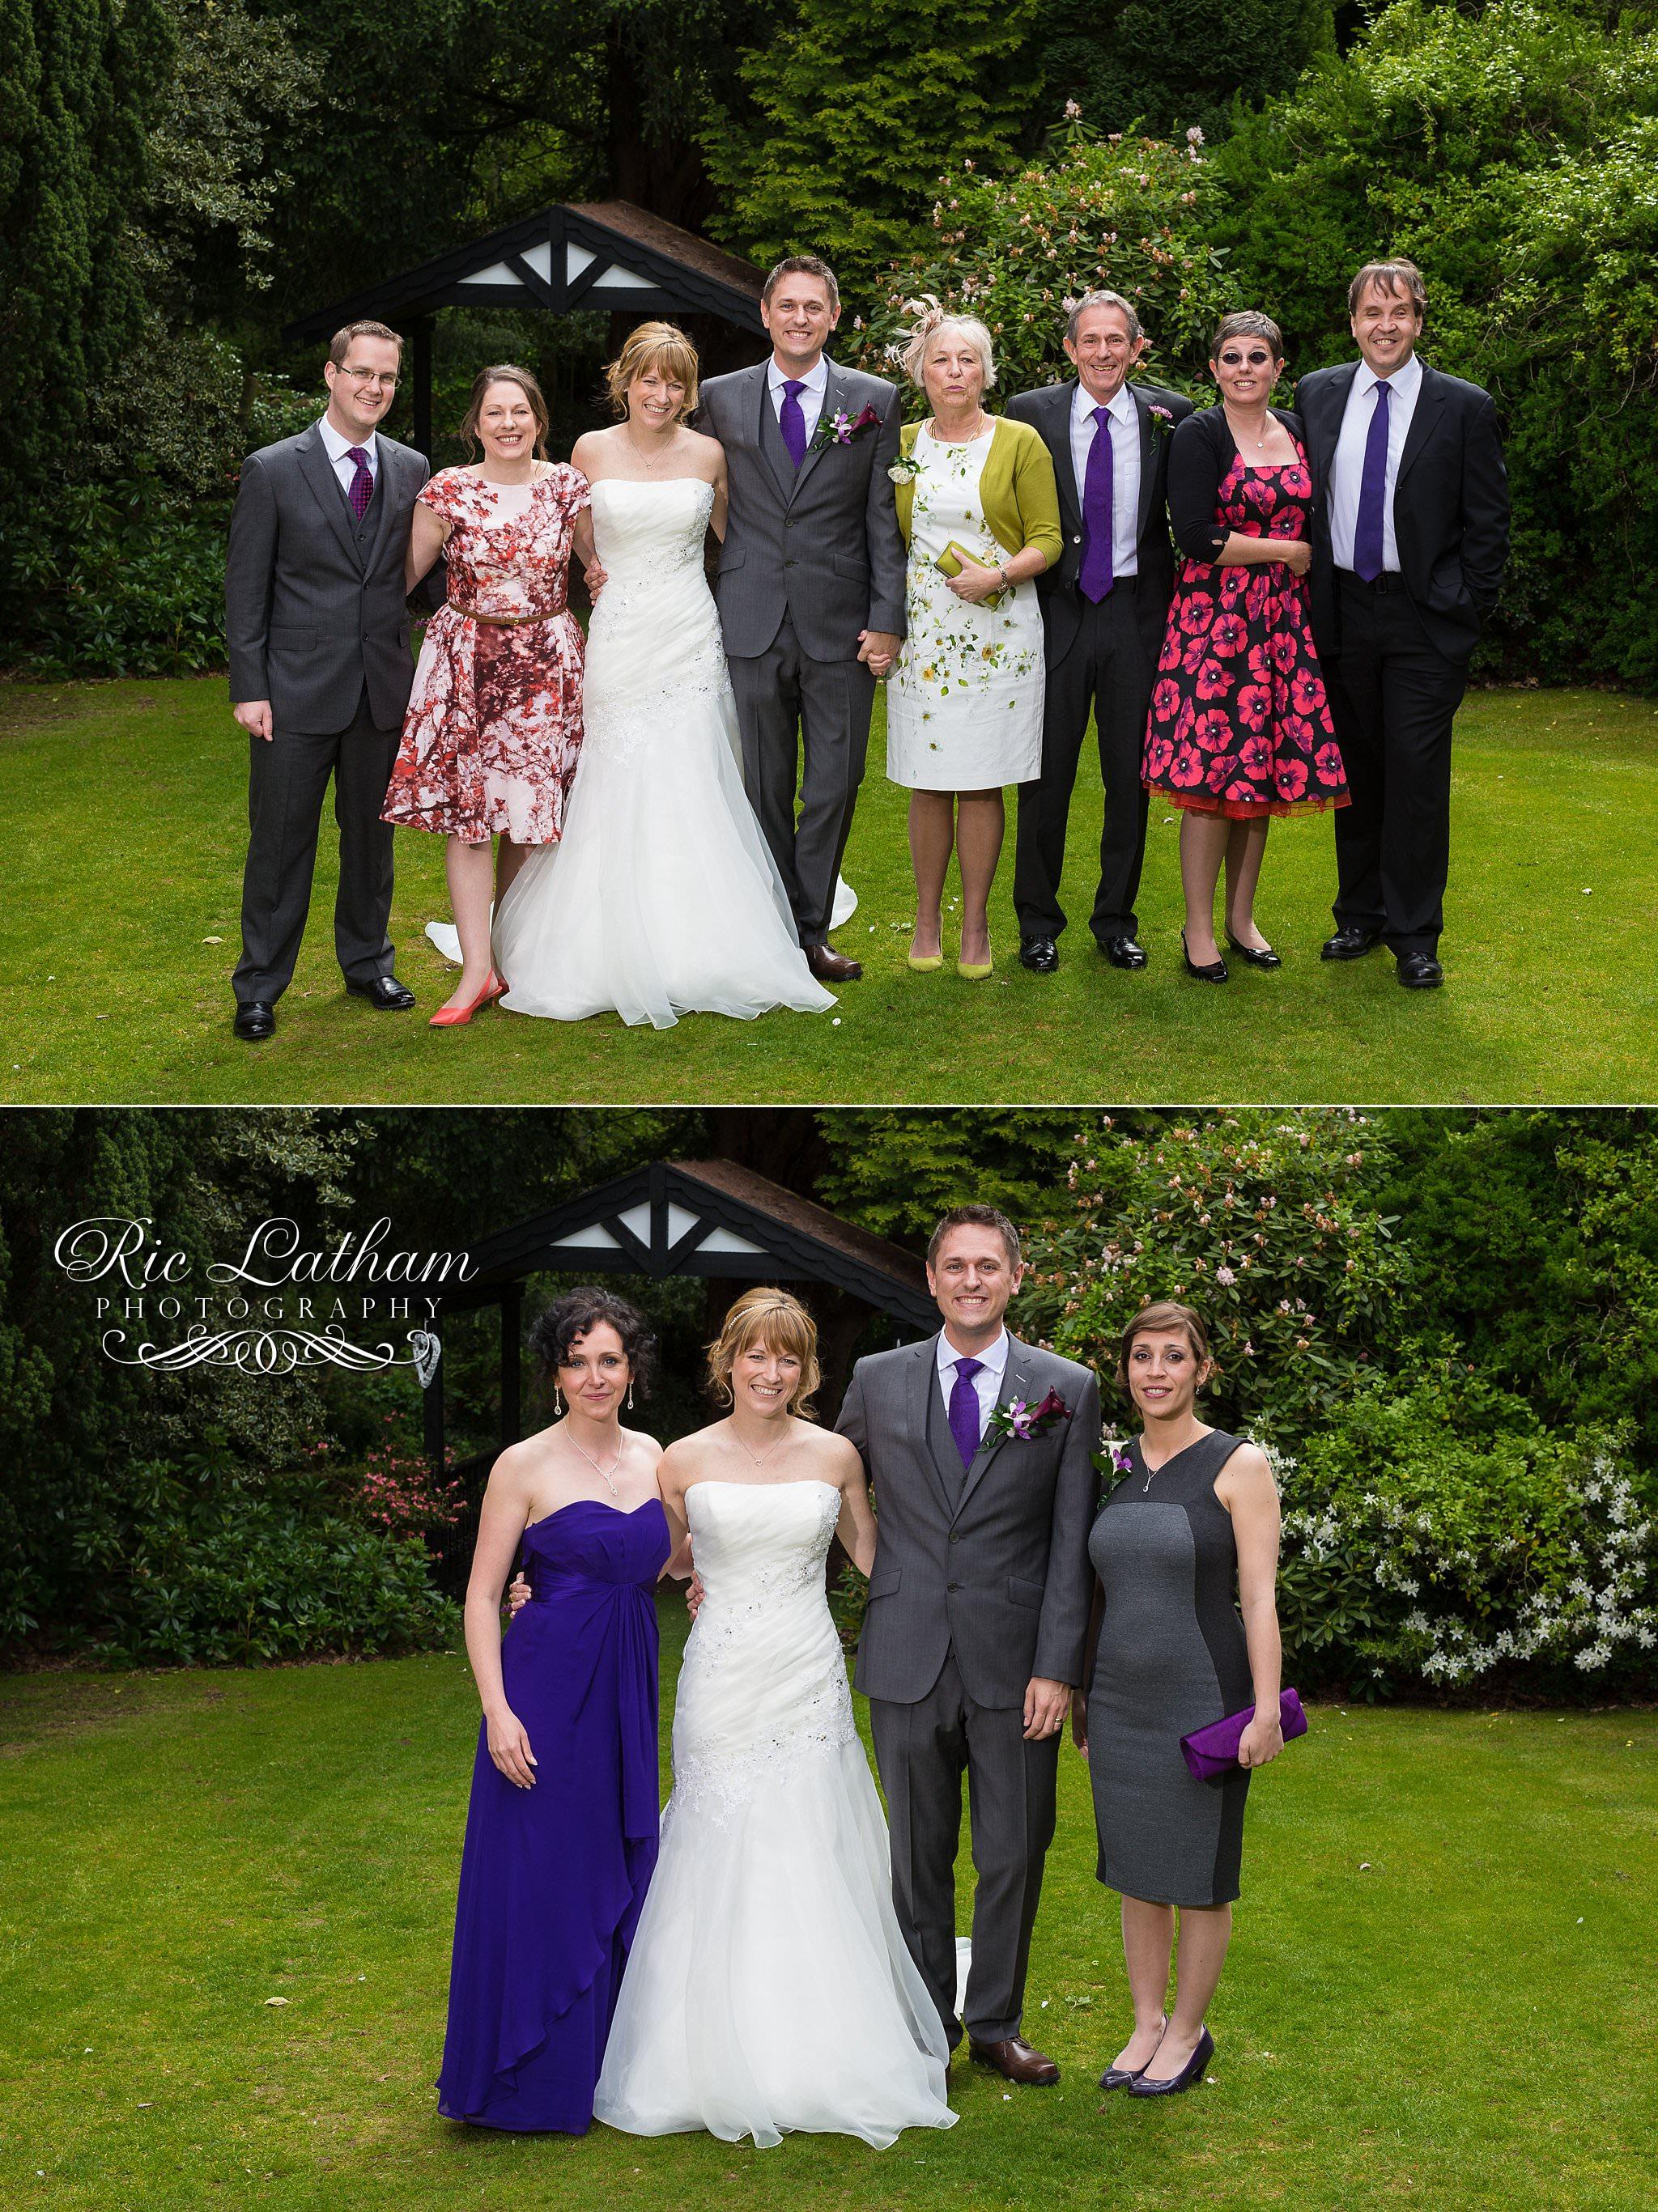 wedding-group-photos